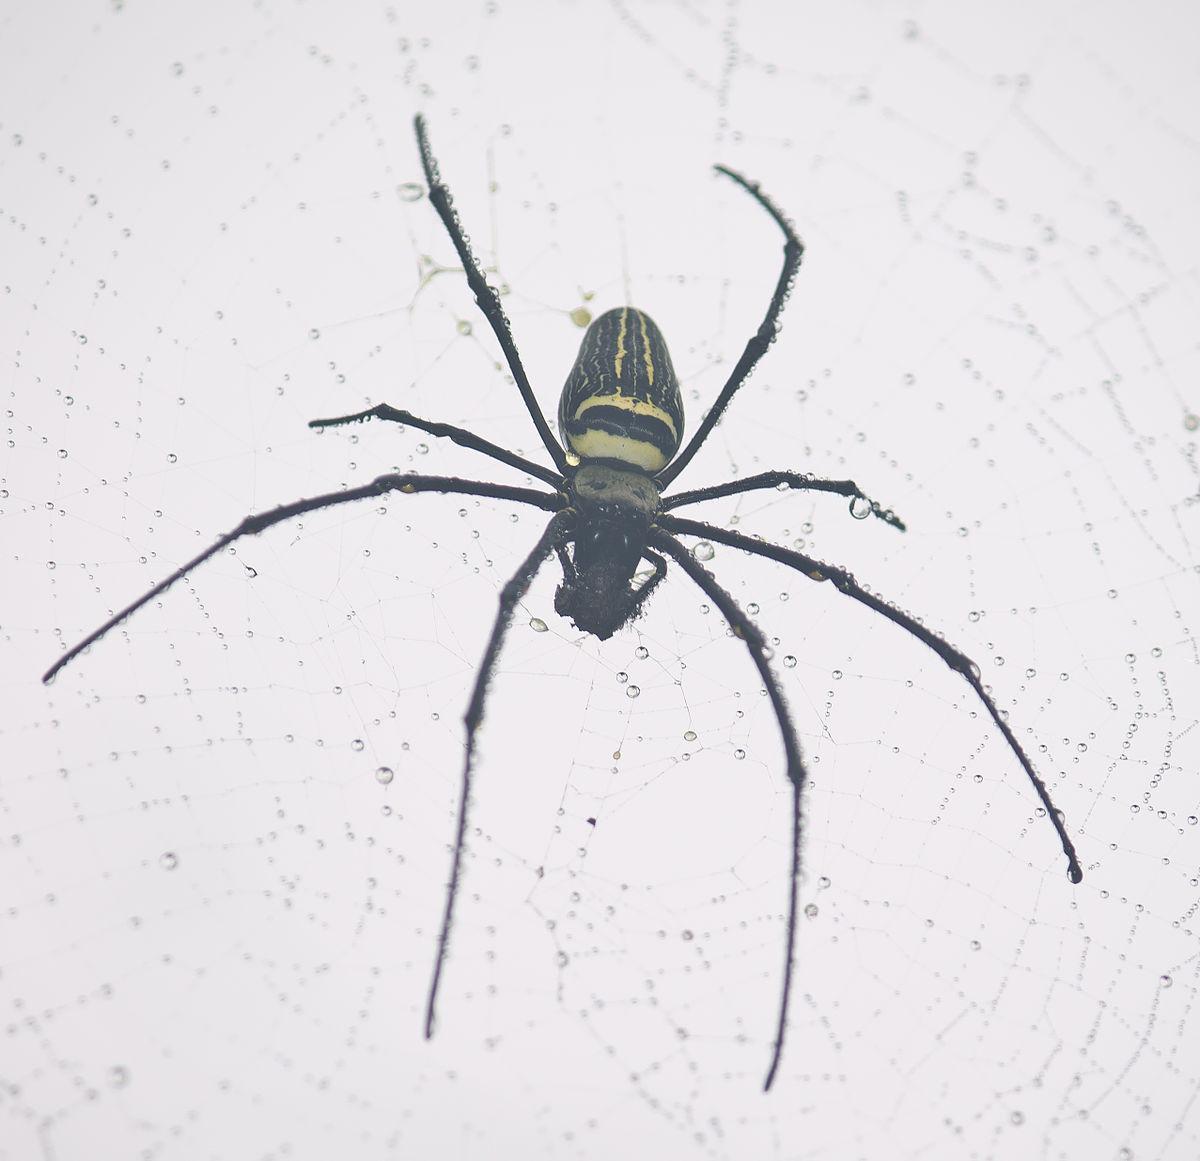 Golden Silk Orb-weaver Spider svg #16, Download drawings